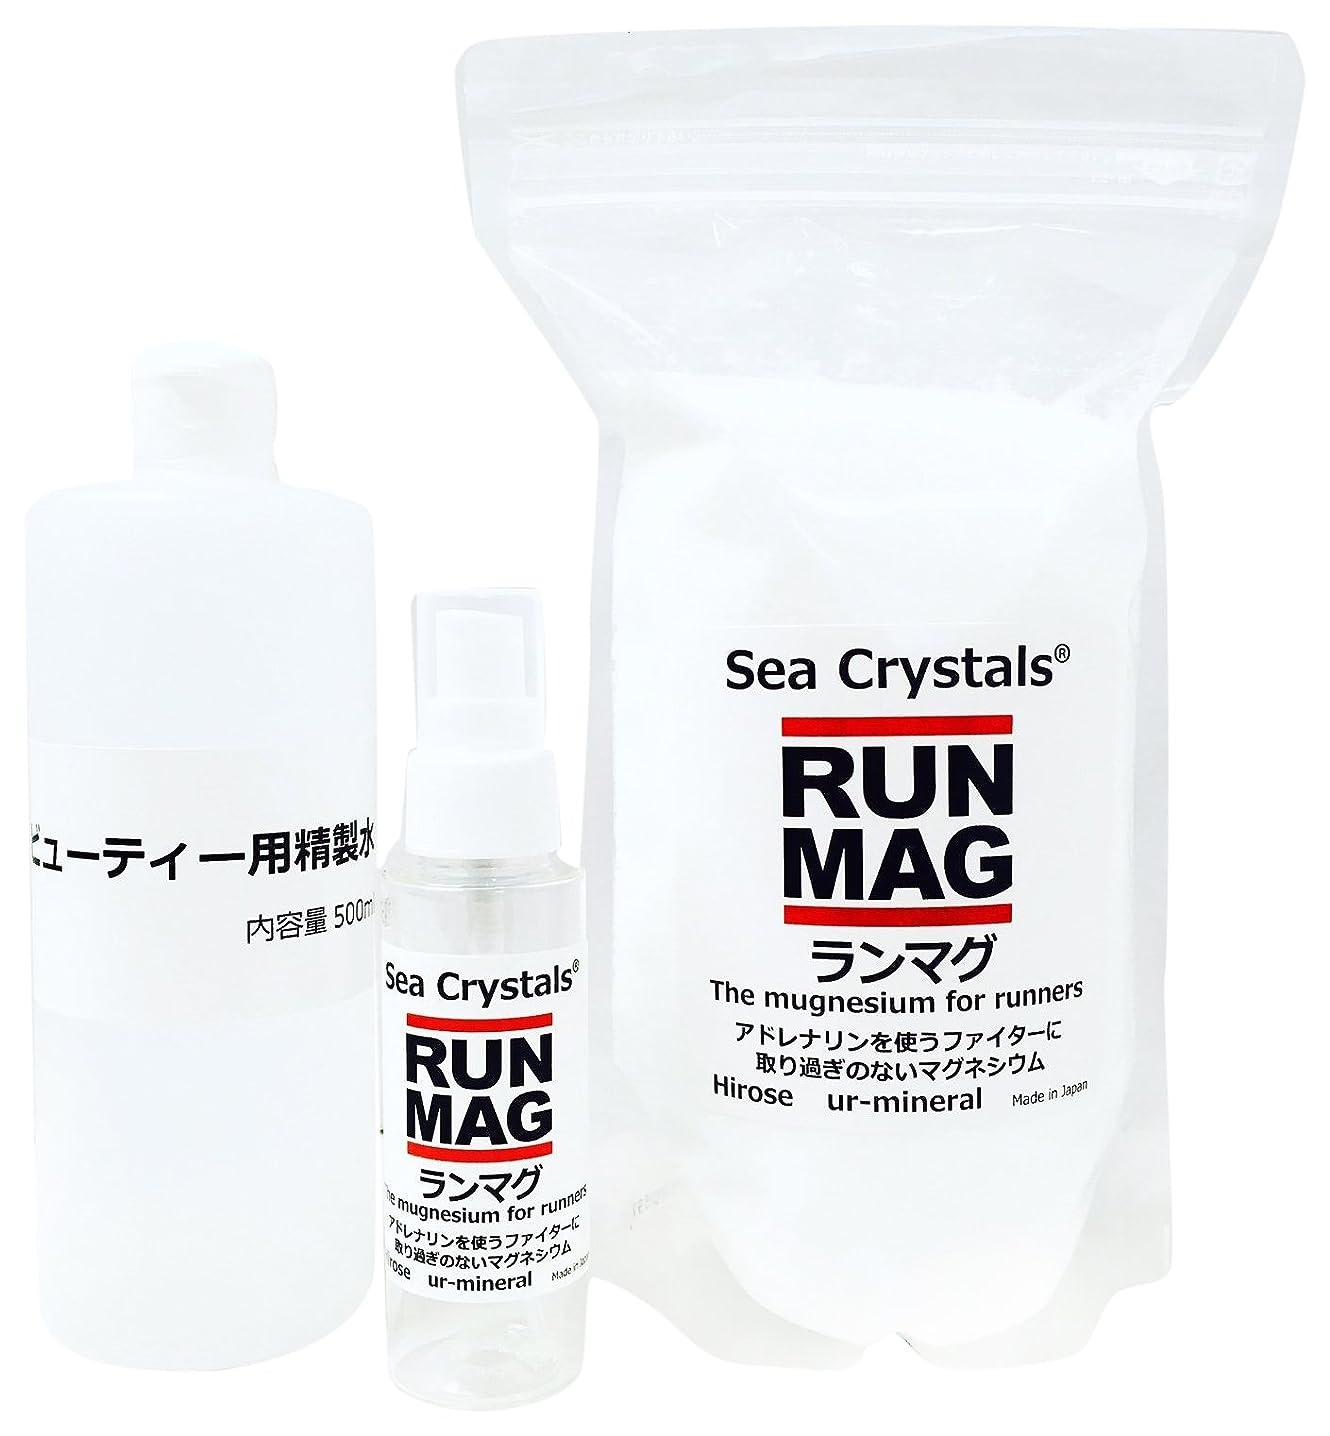 ジャケット市の中心部協力ランマグ?マグネシウムオイル 500g 化粧品登録 日本製 1日マグネシウム360mg使用? 精製水付き